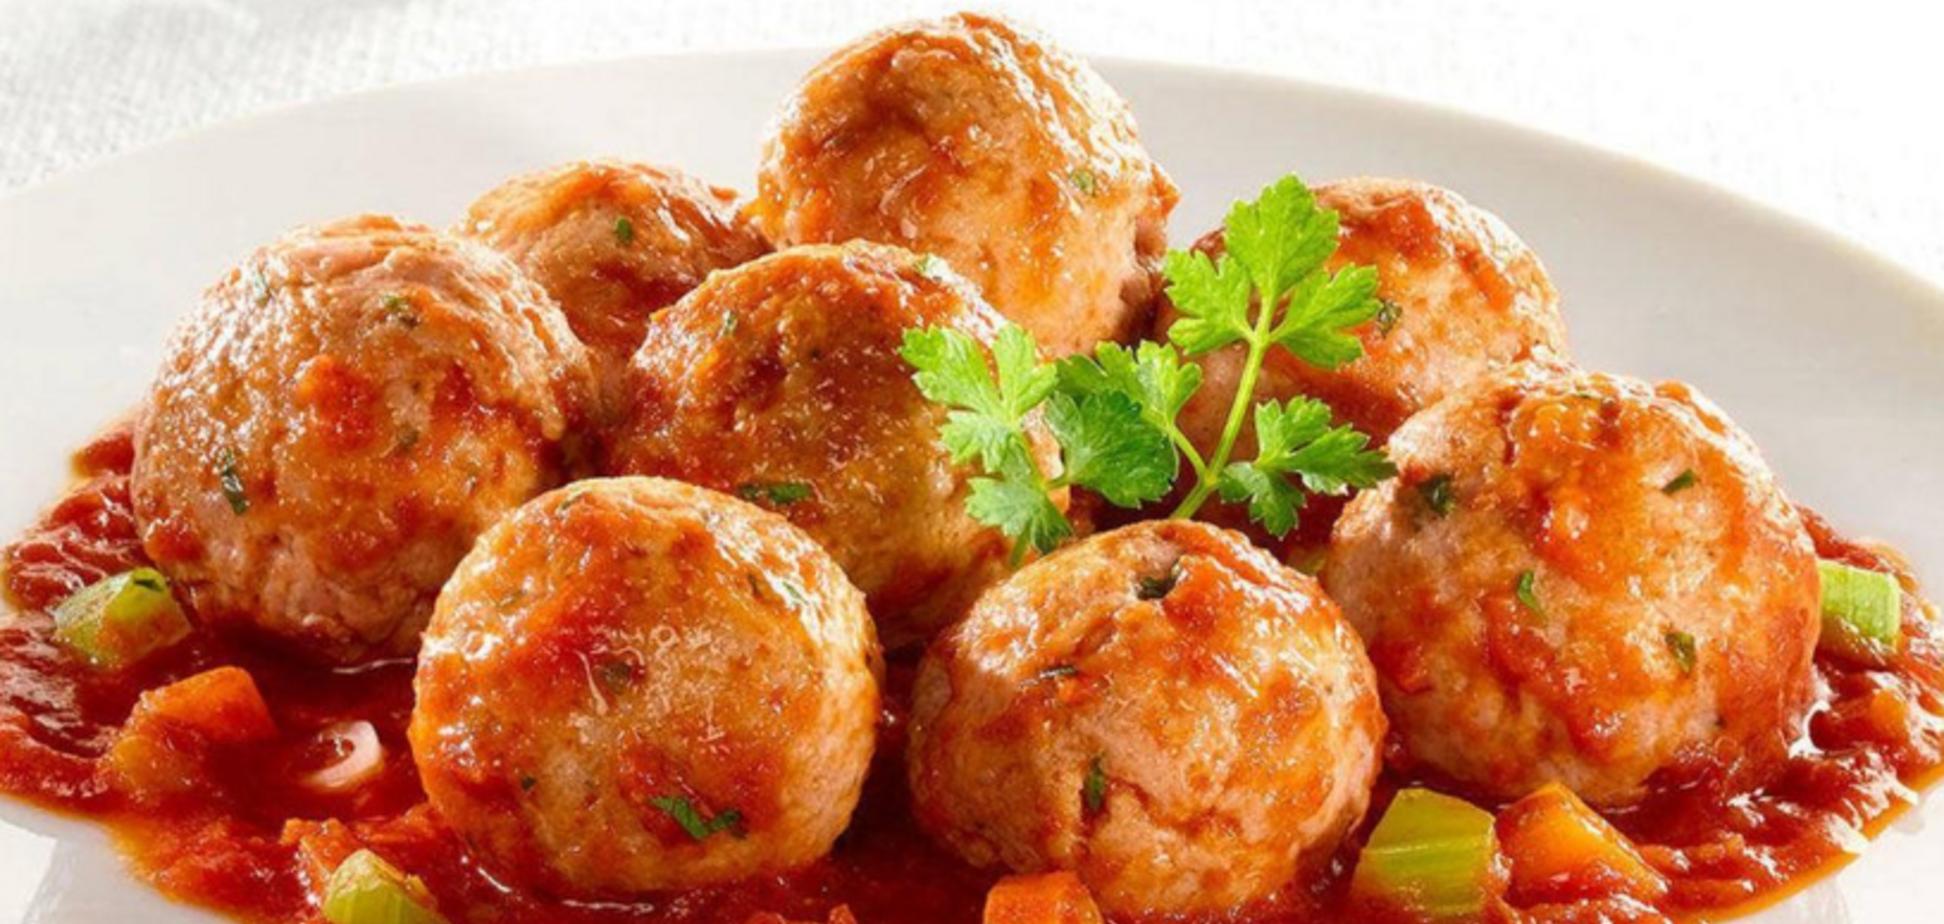 Великий пост 2019: топ-5 рецептов постных блюд на каждый день